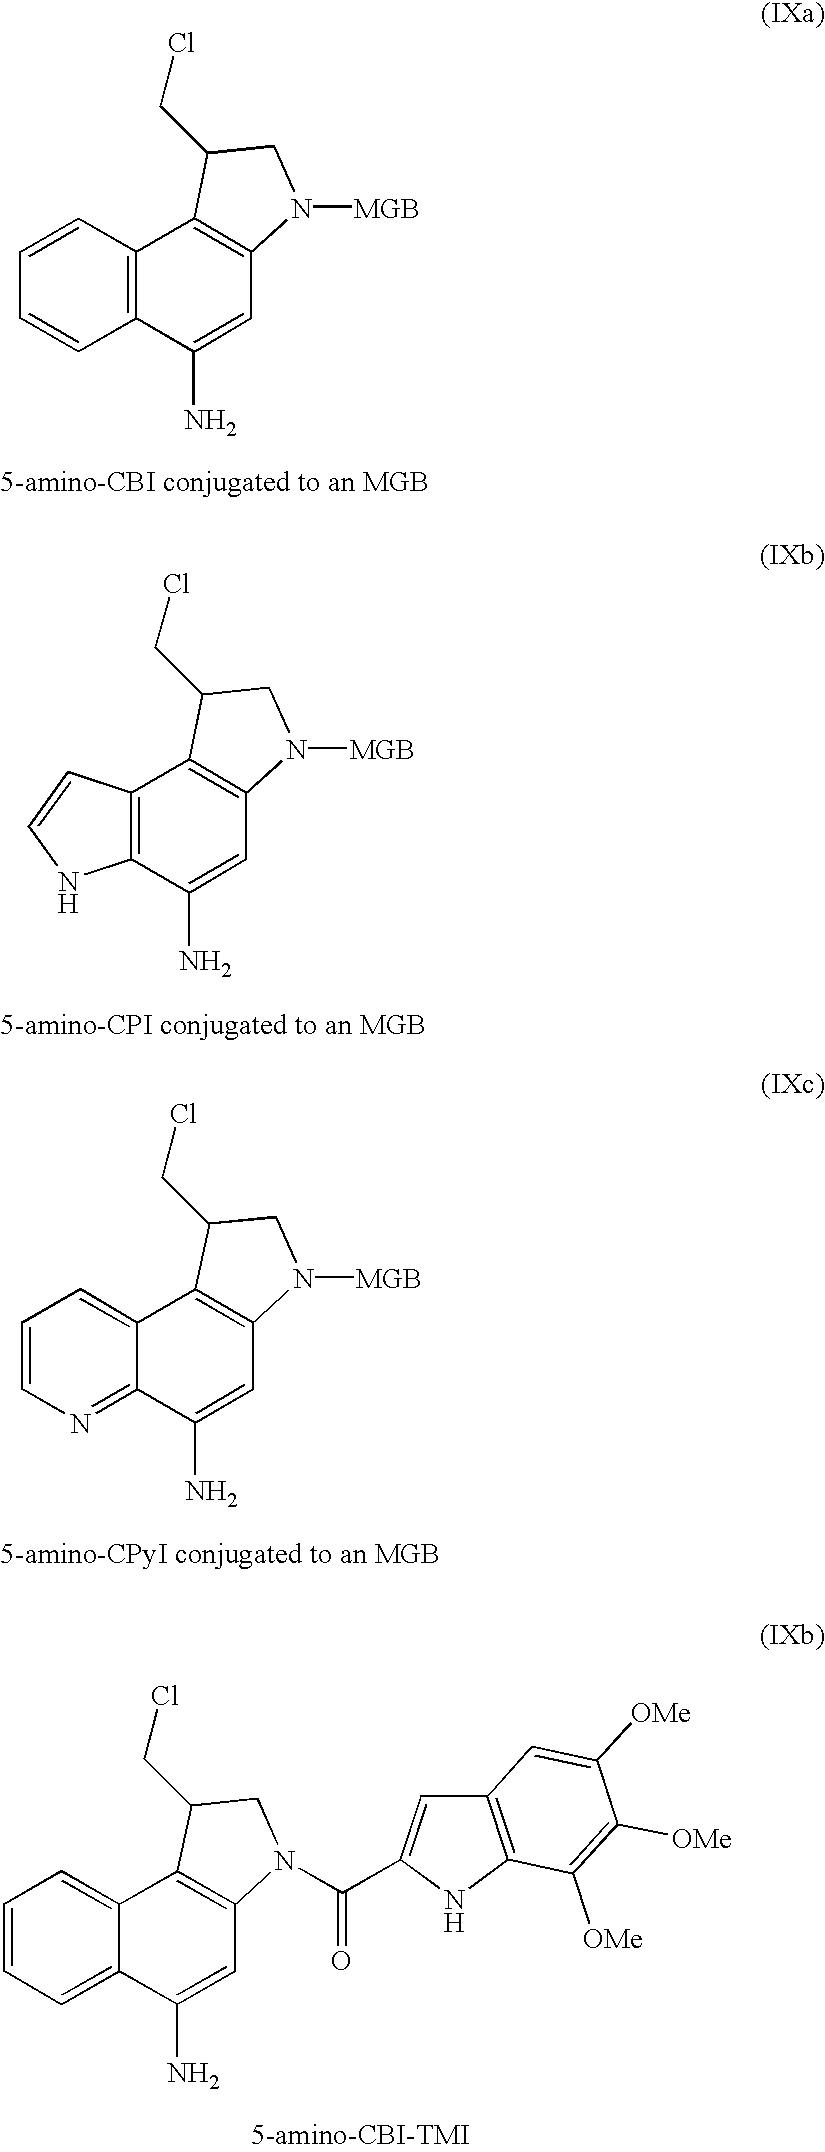 Figure US20030130189A1-20030710-C00025